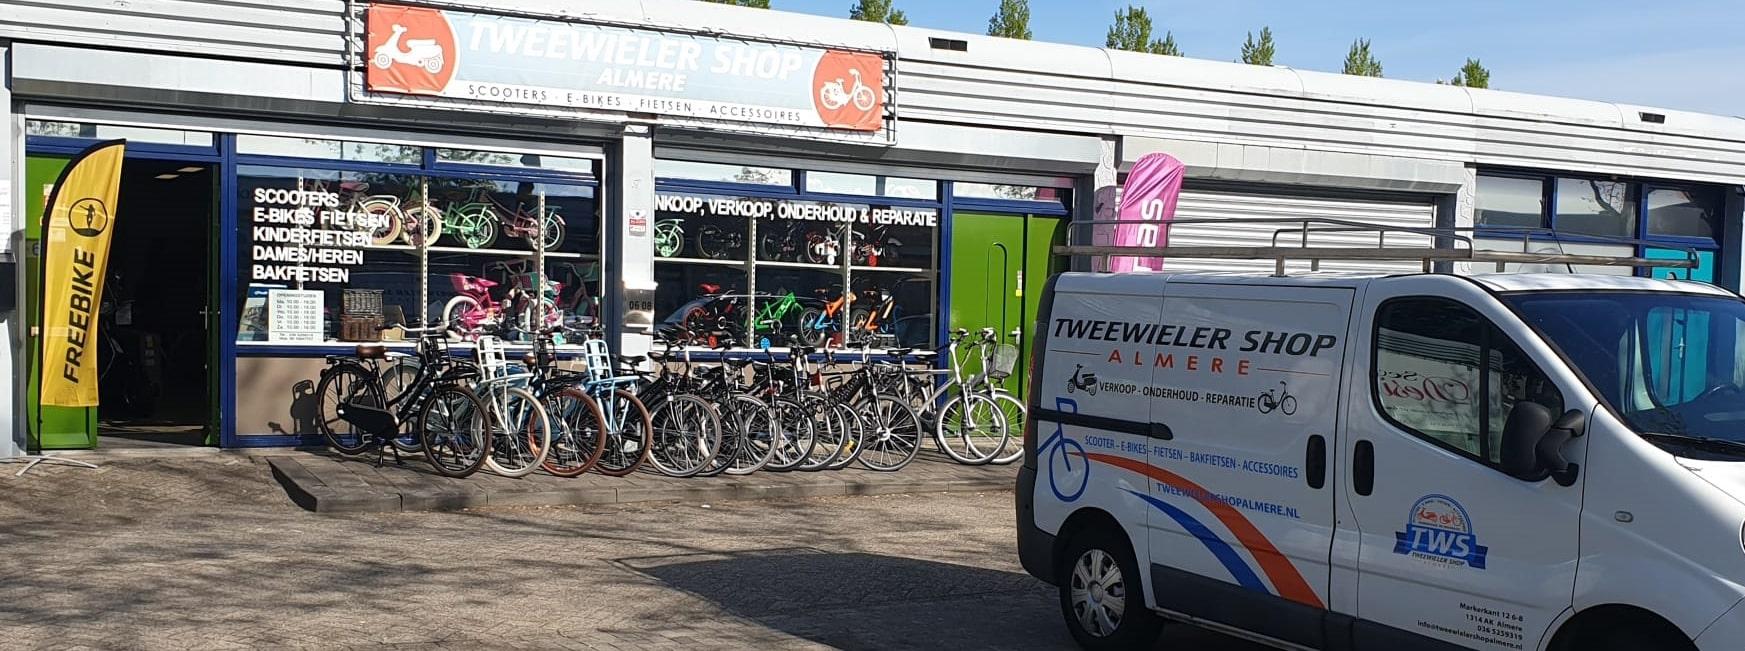 fietsenwinkel-almere-fietsenwinkel-scooterwinkel-fietsreparaties-scooter-reparaties